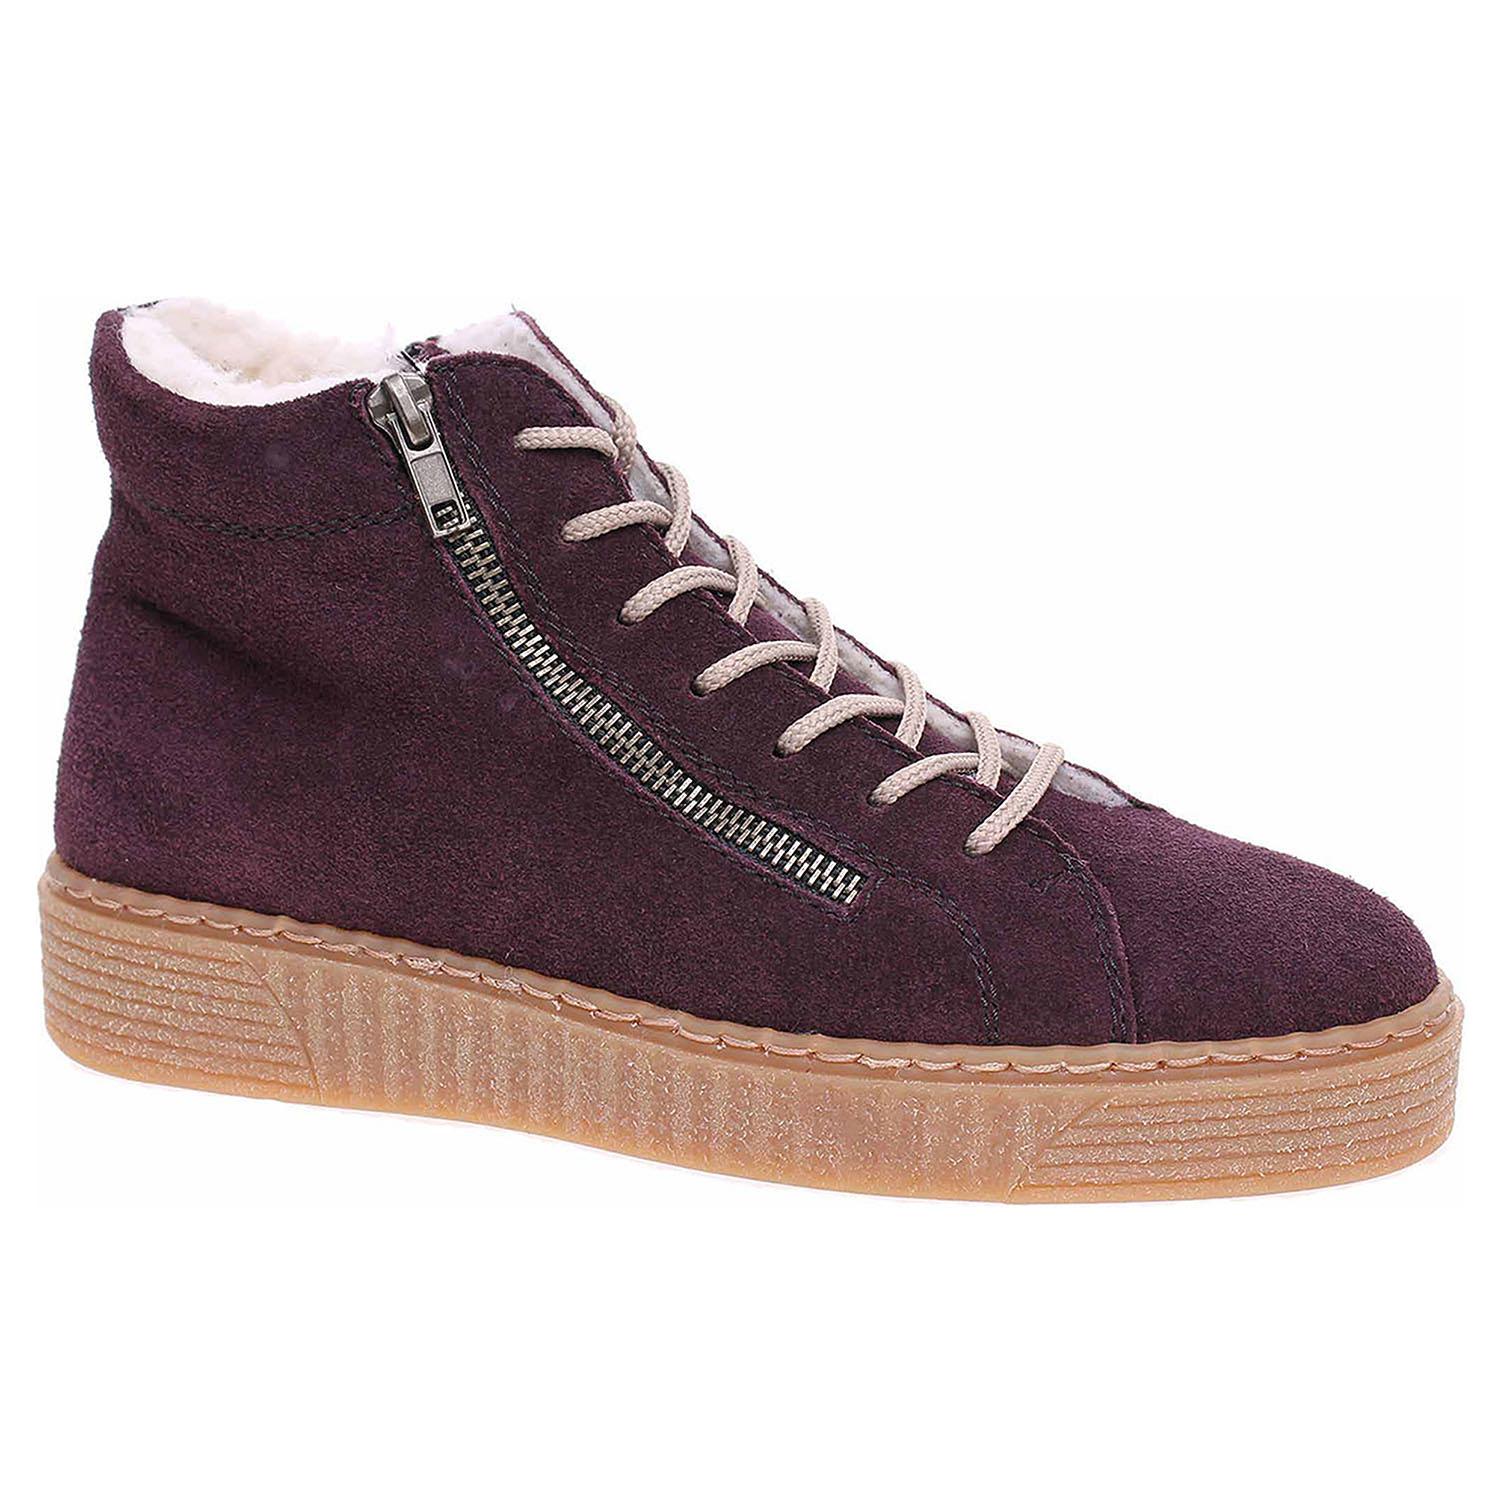 Dámská kotníková obuv Rieker 71611-30 violett 71611-30 39